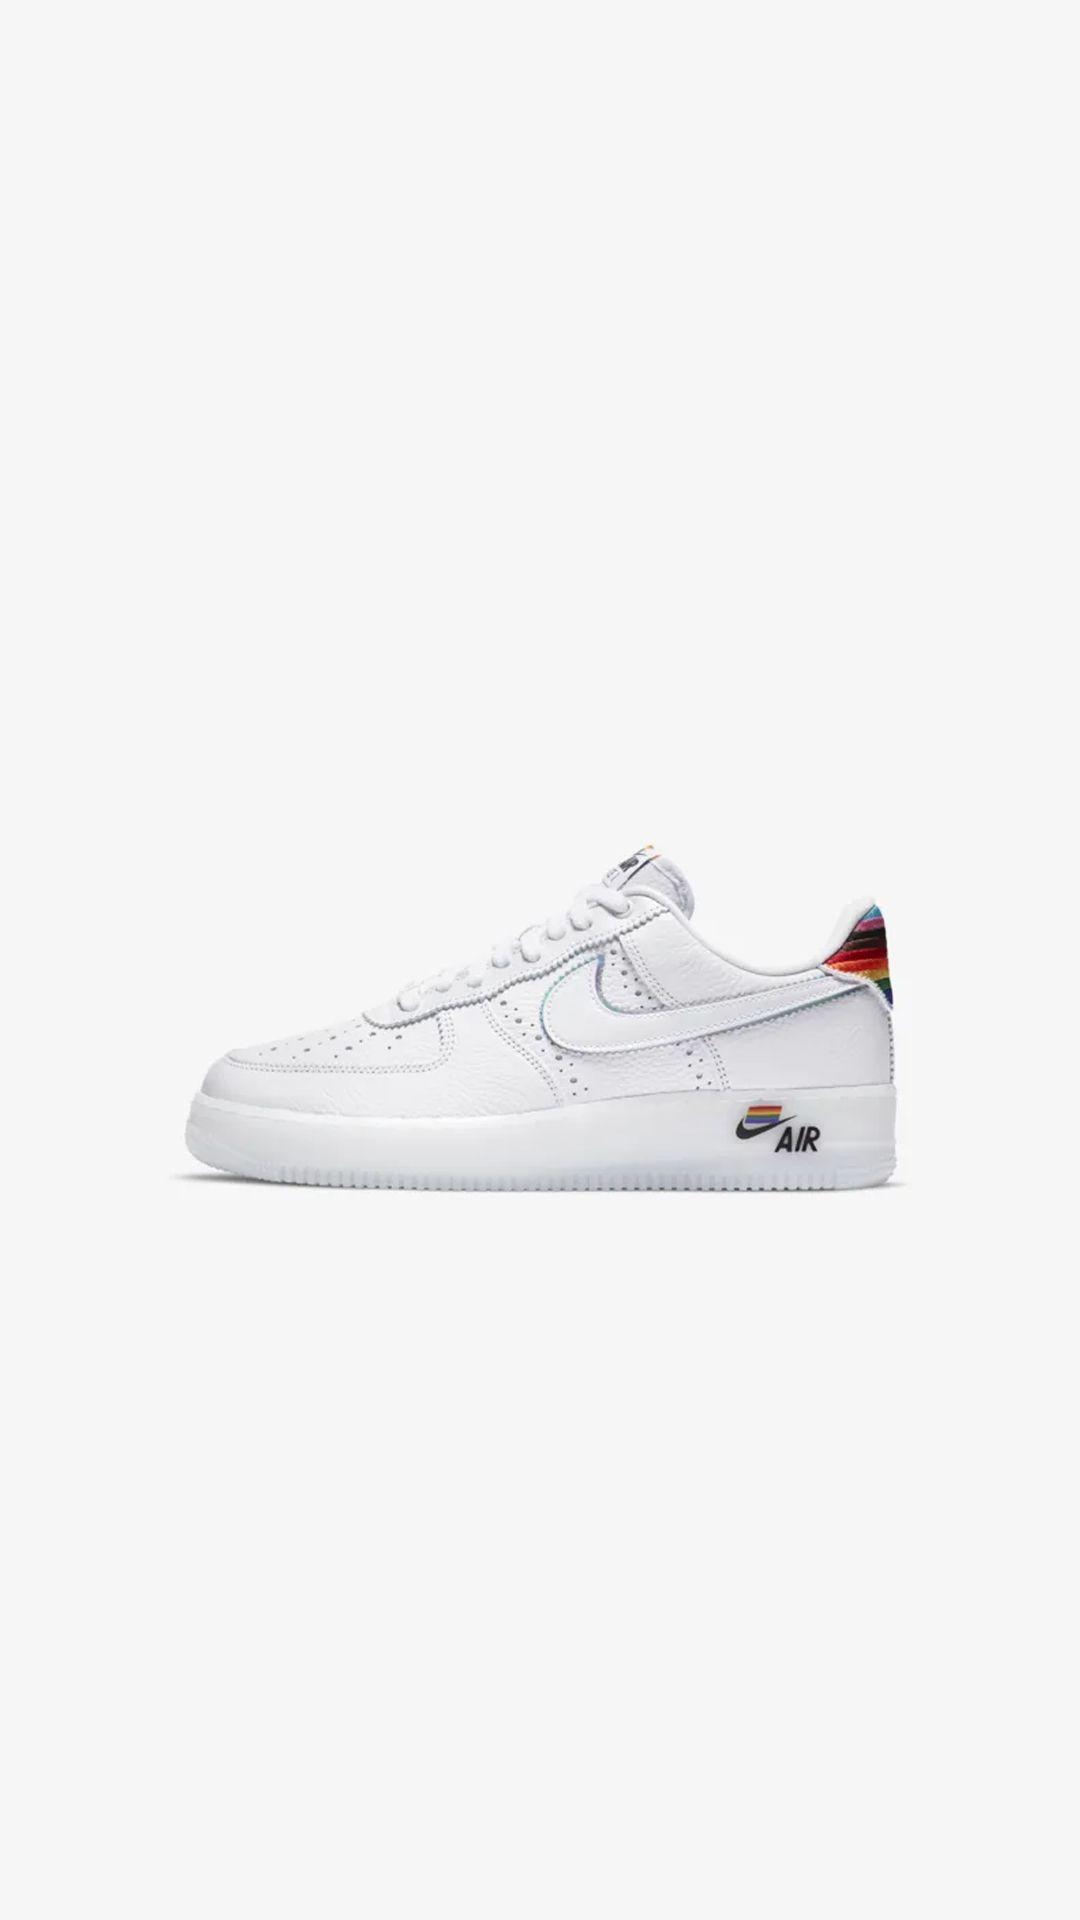 Novedades en zapatillas Nike para hombre Todos los